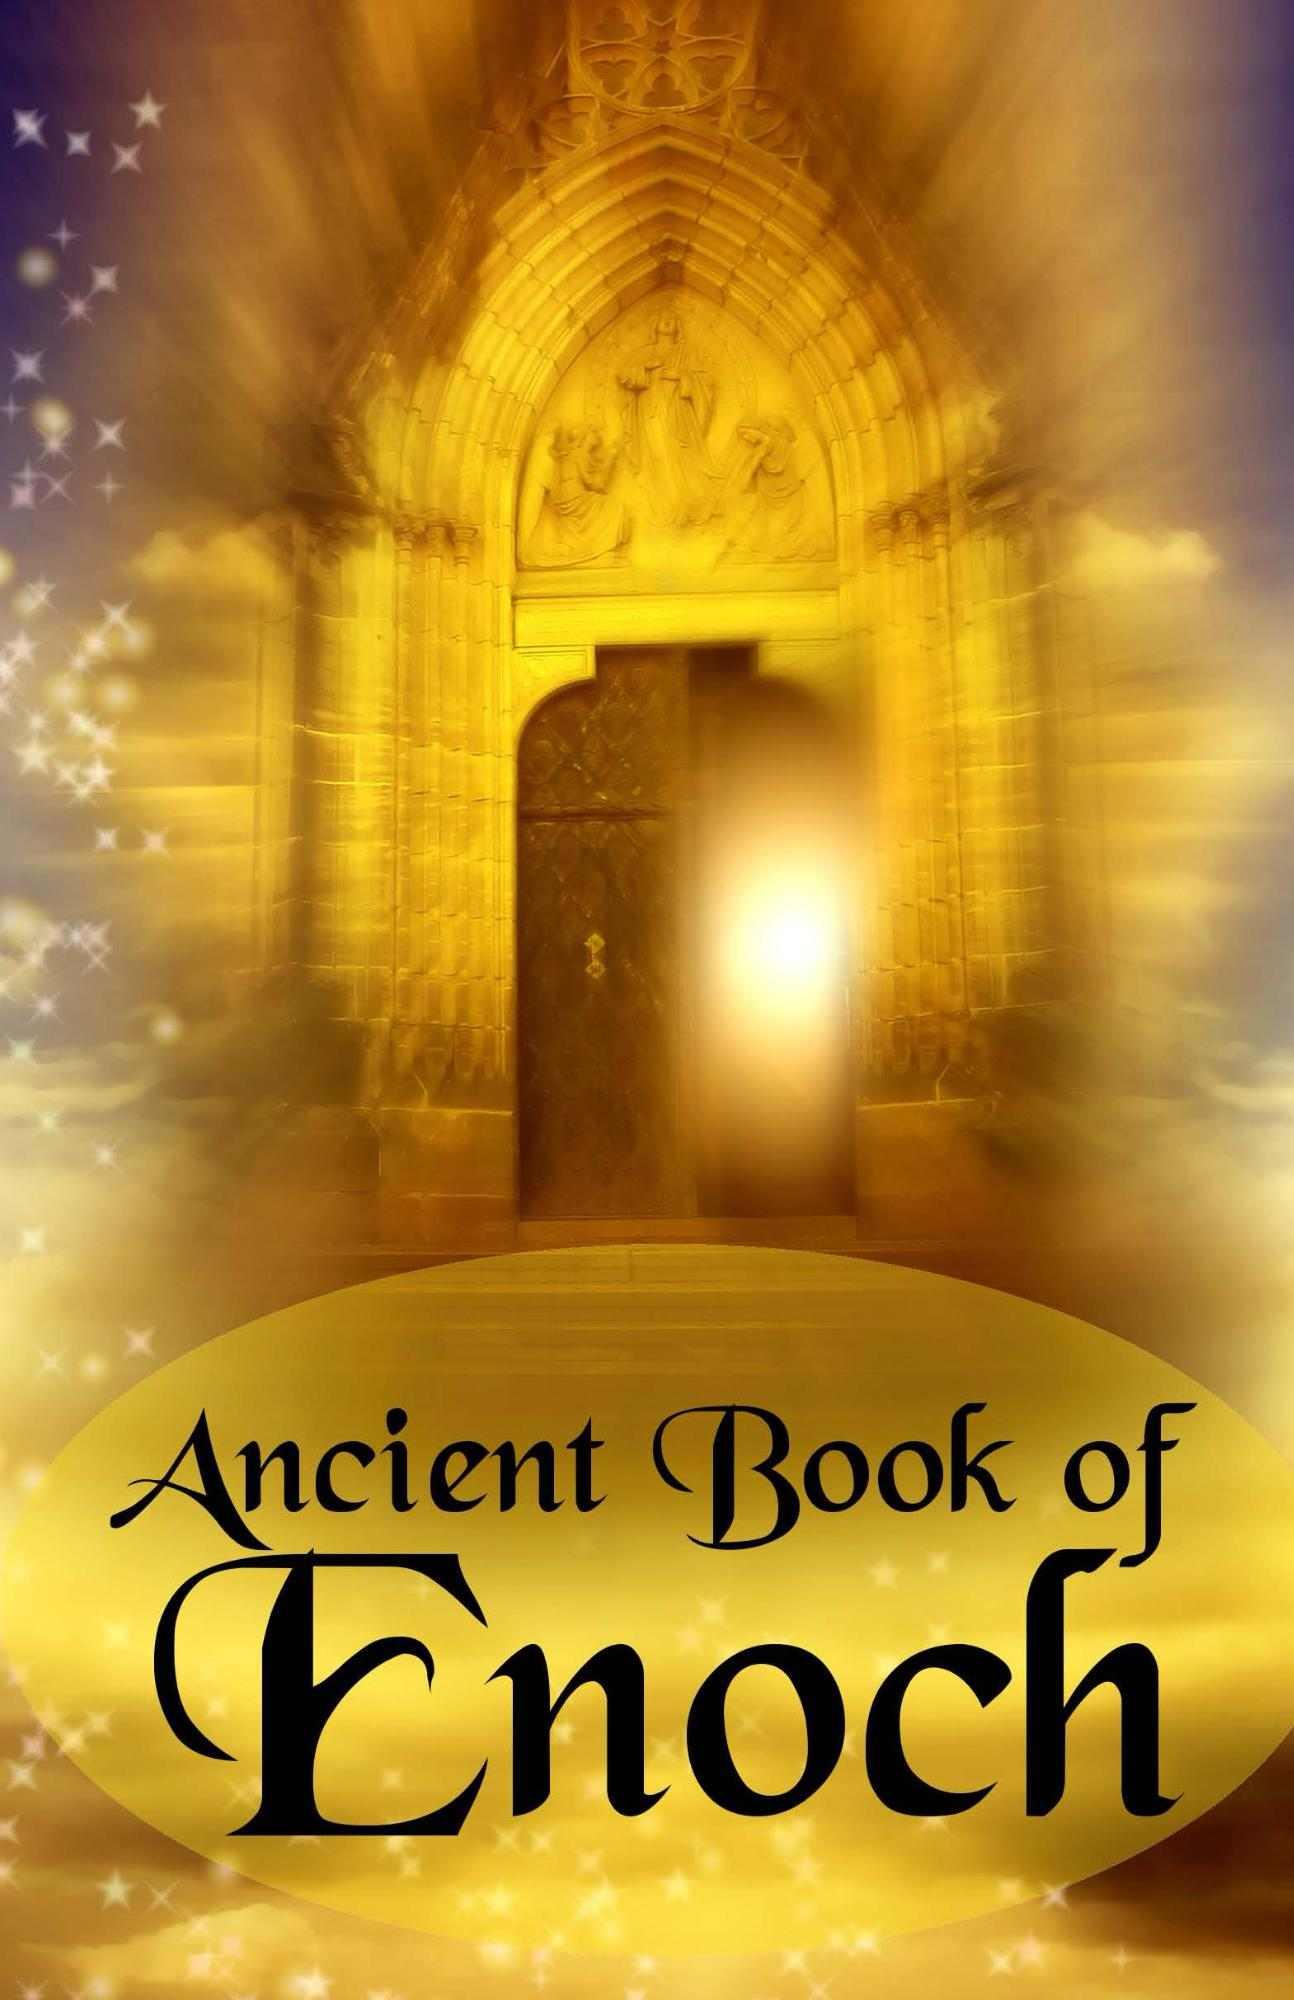 Amazon com: Ancient Book of Enoch eBook: Ken Johnson: Kindle Store